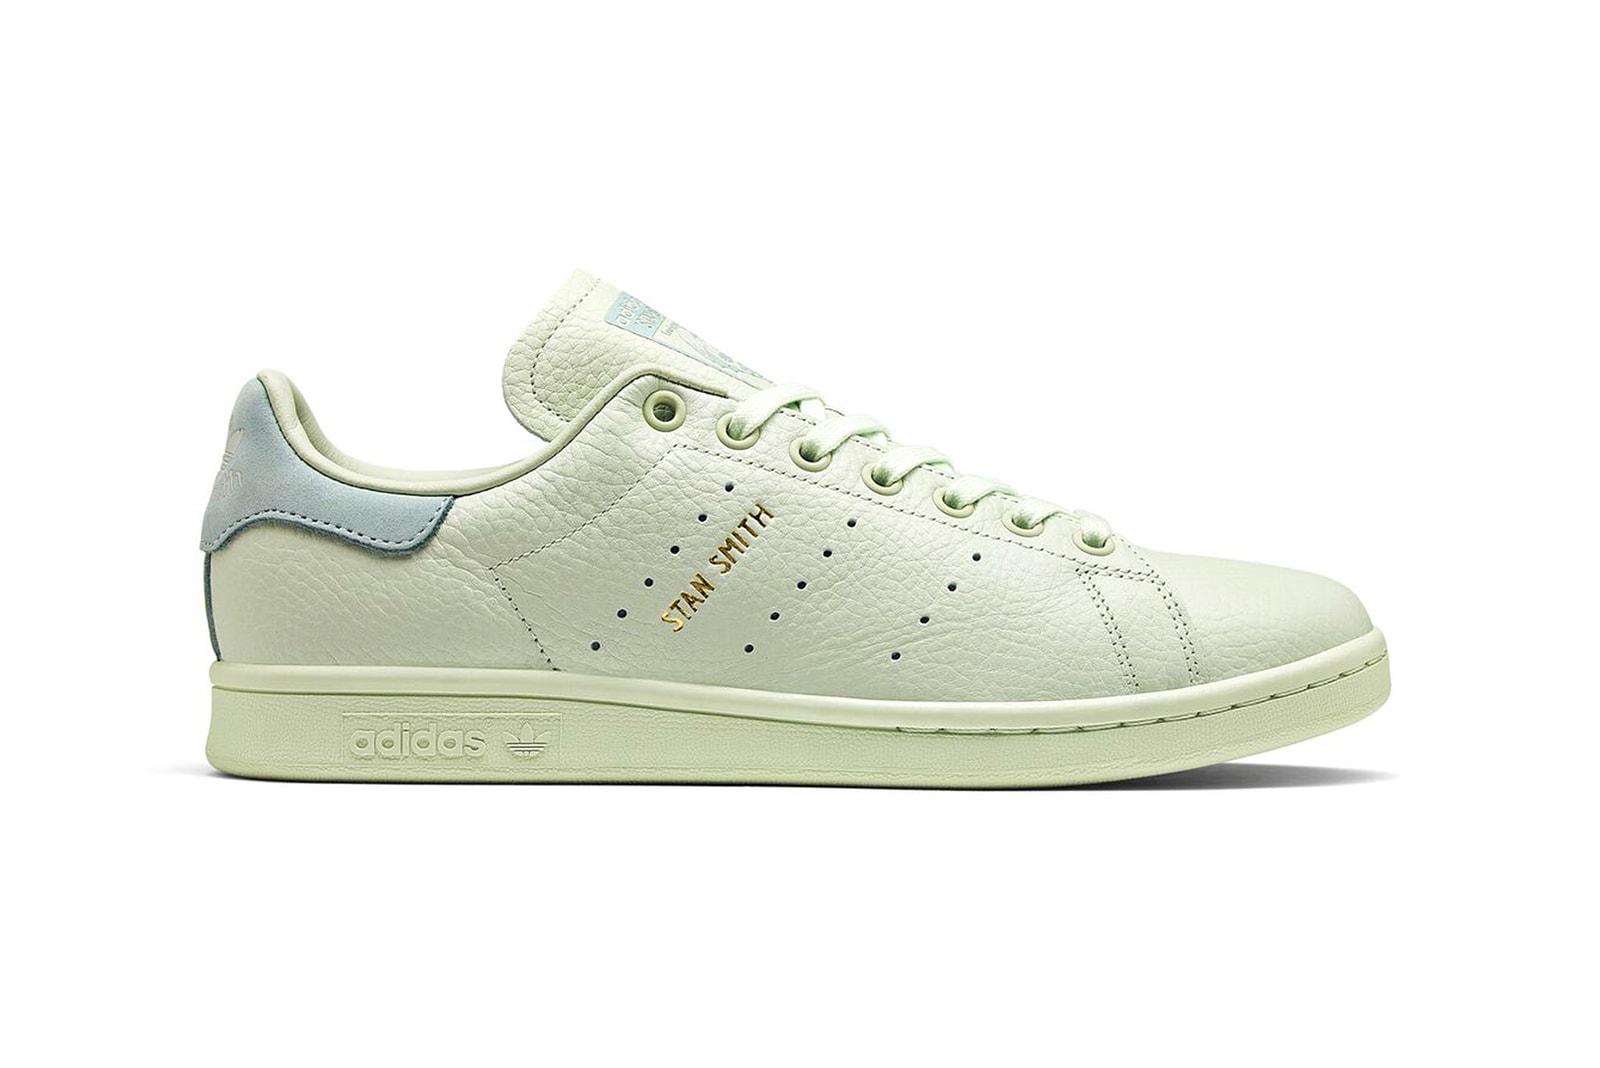 7e1e2f487 Pharrell Williams adidas Originals Stan Smith Tennis Hu Pastel Pack